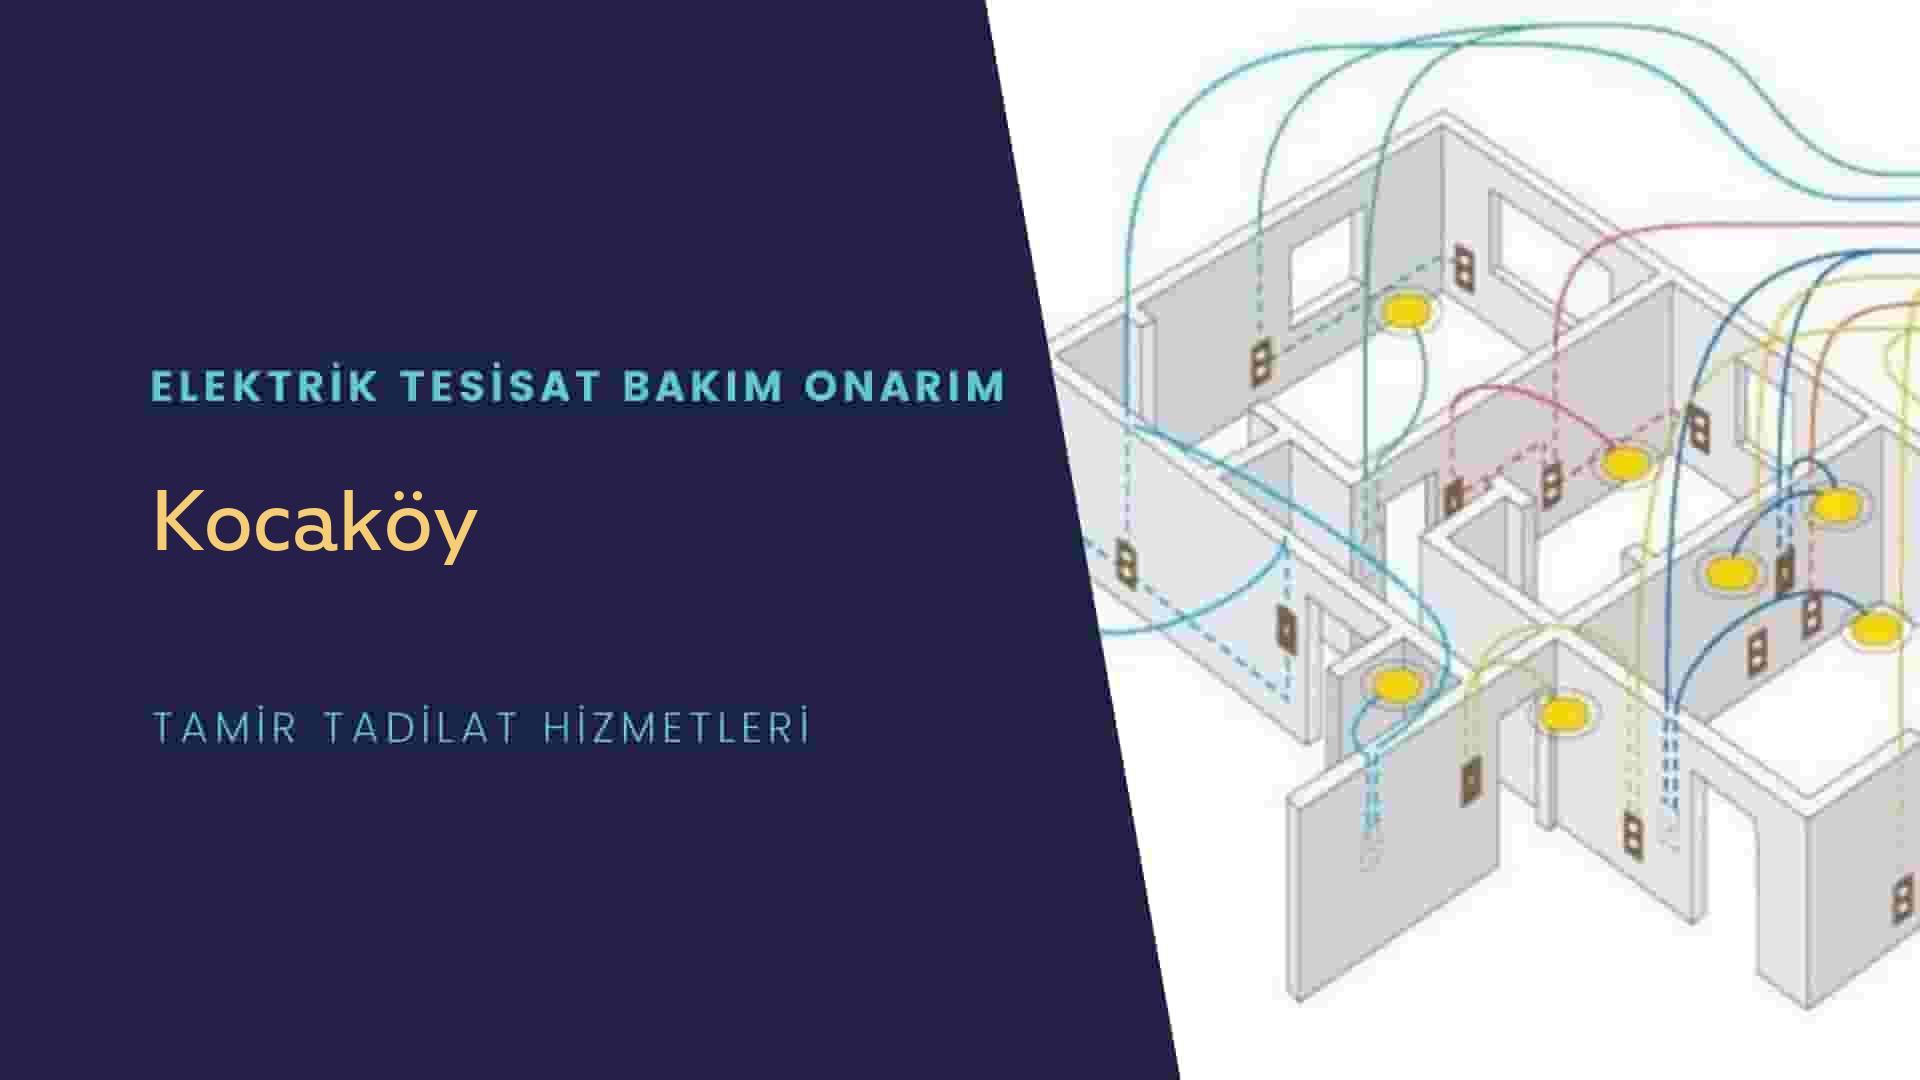 Kocaköy'de elektrik tesisatıustalarımı arıyorsunuz doğru adrestenizi Kocaköy elektrik tesisatı ustalarımız 7/24 sizlere hizmet vermekten mutluluk duyar.